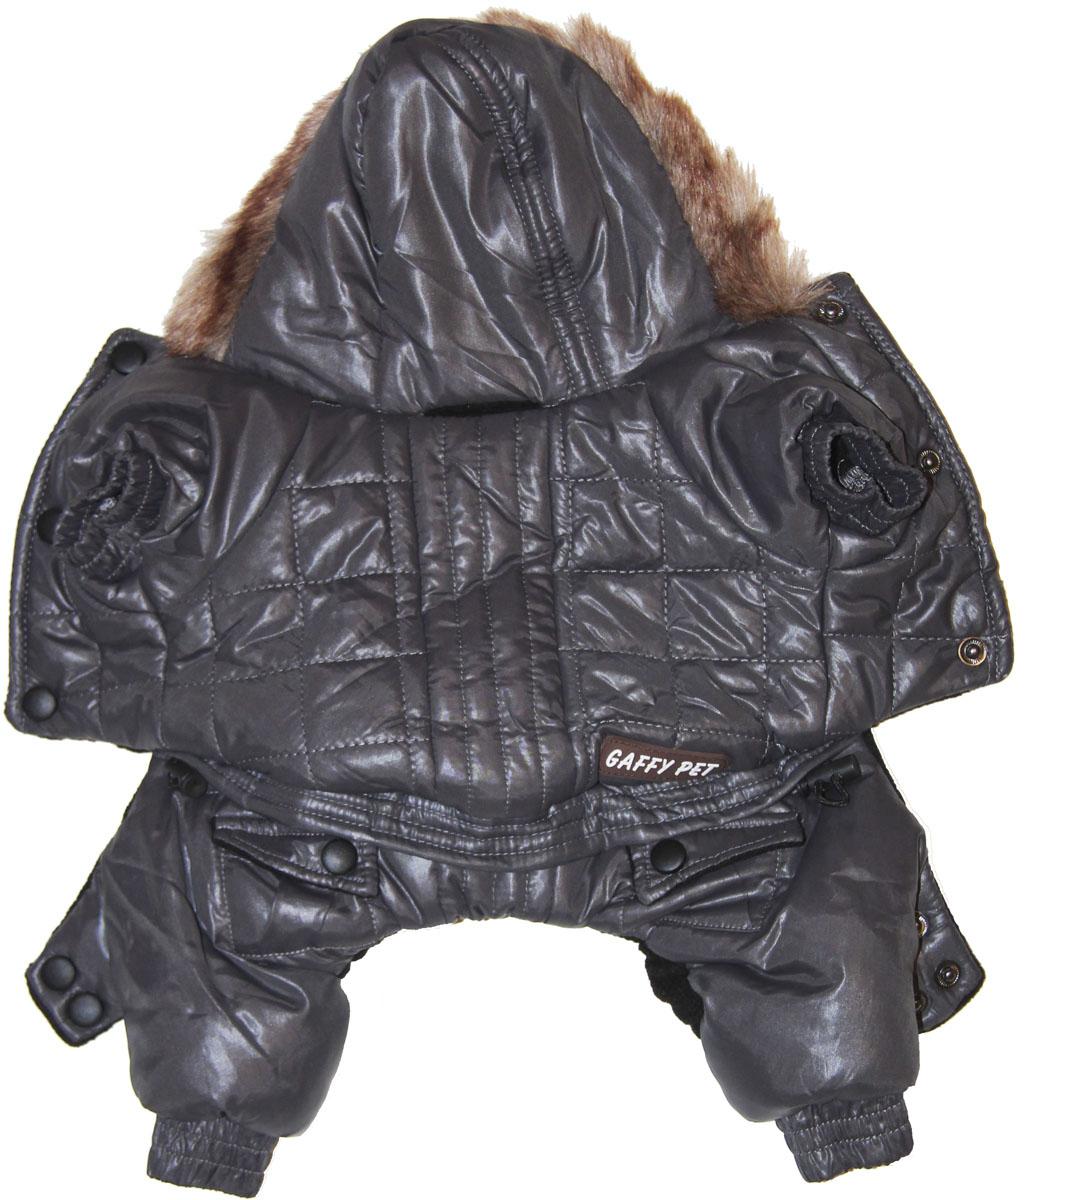 Комбинезон для собак Gaffy Pet Charcoal, зимний, для мальчика, цвет: черный. Размер M11012 MКомбинезон для собак Gaffy Pet Charcoal отлично подойдет на зиму. Капюшон отделан мехом. На стыке капюшона и спинки есть отверстие для поводка.Живот почти полностью закрыт, кроме необходимых для прогулок отверстий.На животе комбинезон фиксируется с помощью кнопок, а в нижней части живота есть 2 ряда кнопок для того, чтобы комбинезон точно сел по фигуре.Дополнительно комбинезон снабжен резинками на рукавах и штанинах для лучшей защиты от снега и холода. Кроме того, в поясе есть дополнительная резинка с фиксатором для лучшего облегания.Данные модели комбинезонов с закрытым животом были запатентованы как полезная модель. Патент # 2014125392.Обхват шеи: 26 см.Обхват груди: 45 см.Длина спины: 31 см.Одежда для собак: нужна ли она и как её выбрать. Статья OZON Гид